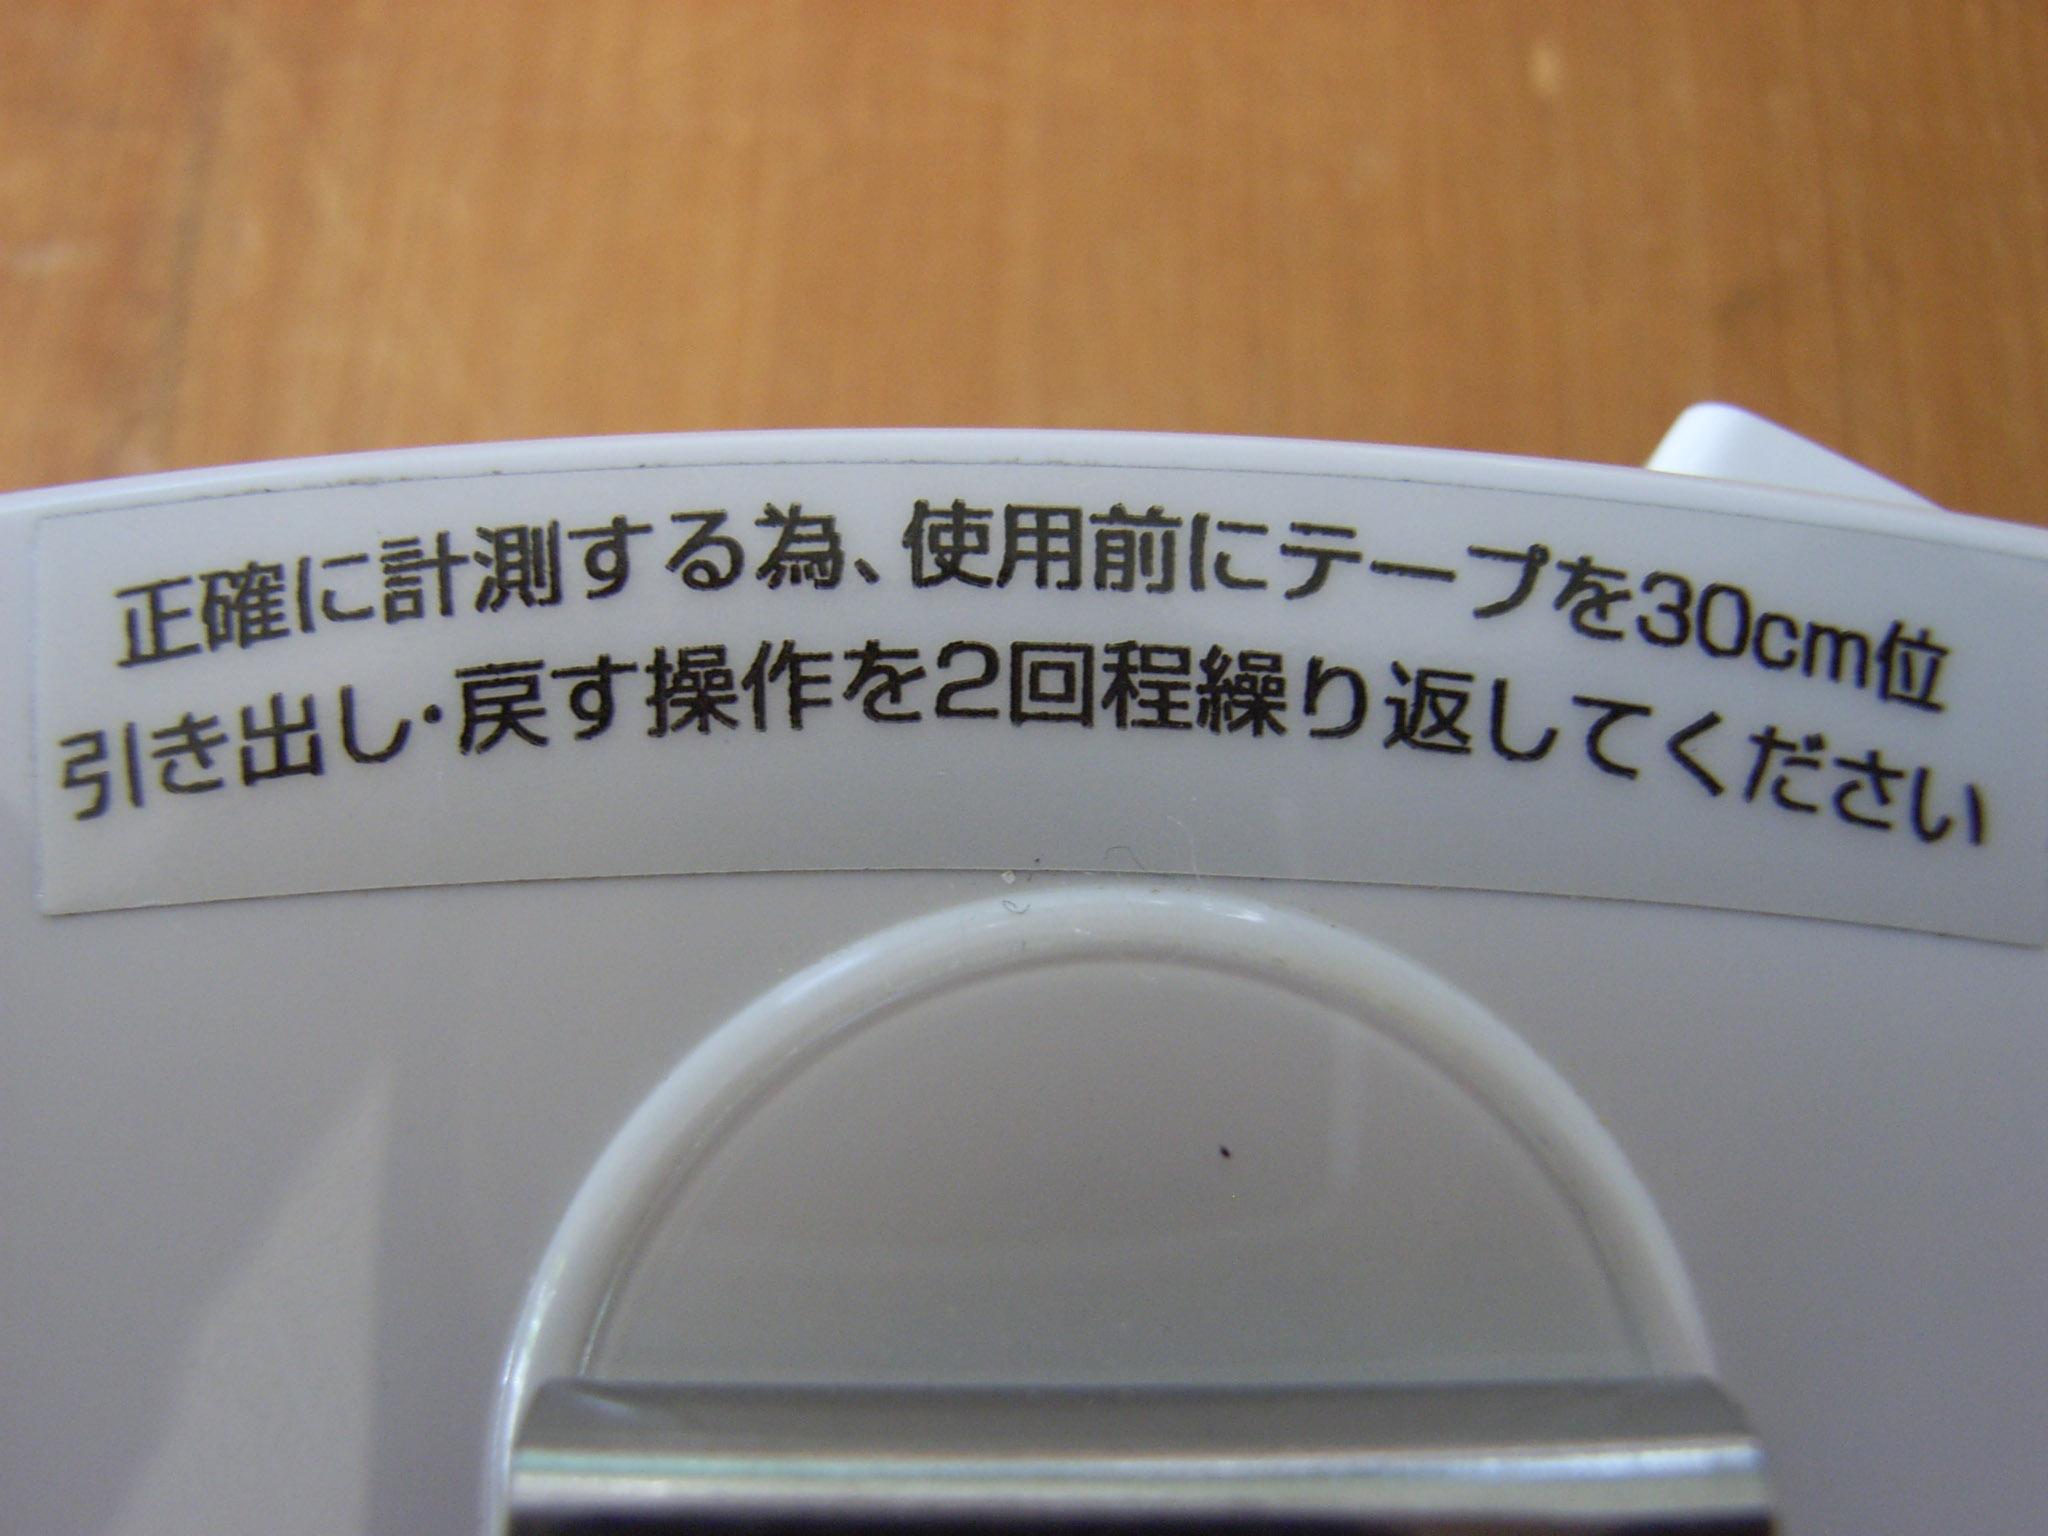 アナログかデジタルか?_b0186200_828251.jpg